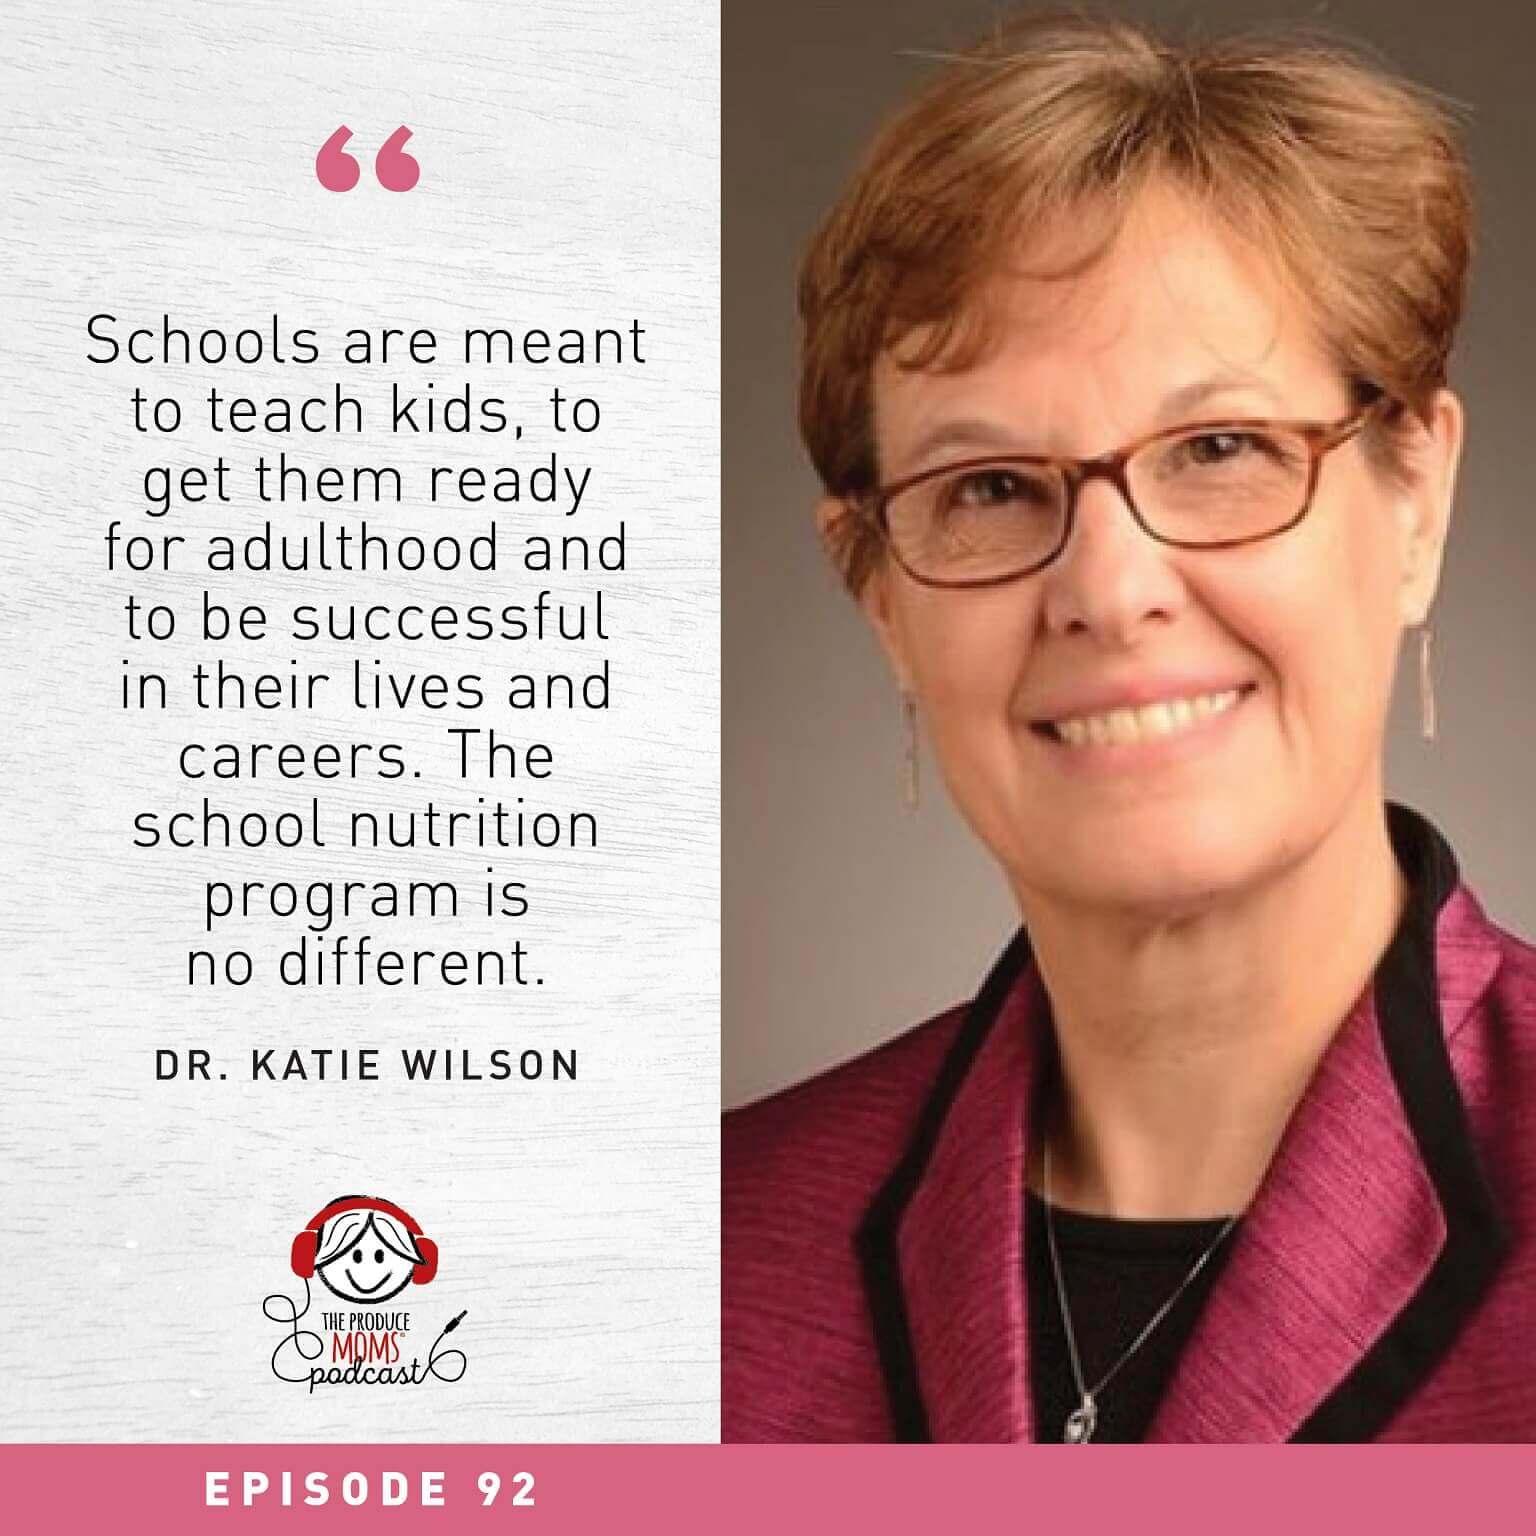 Dr. Katie Wilson quote